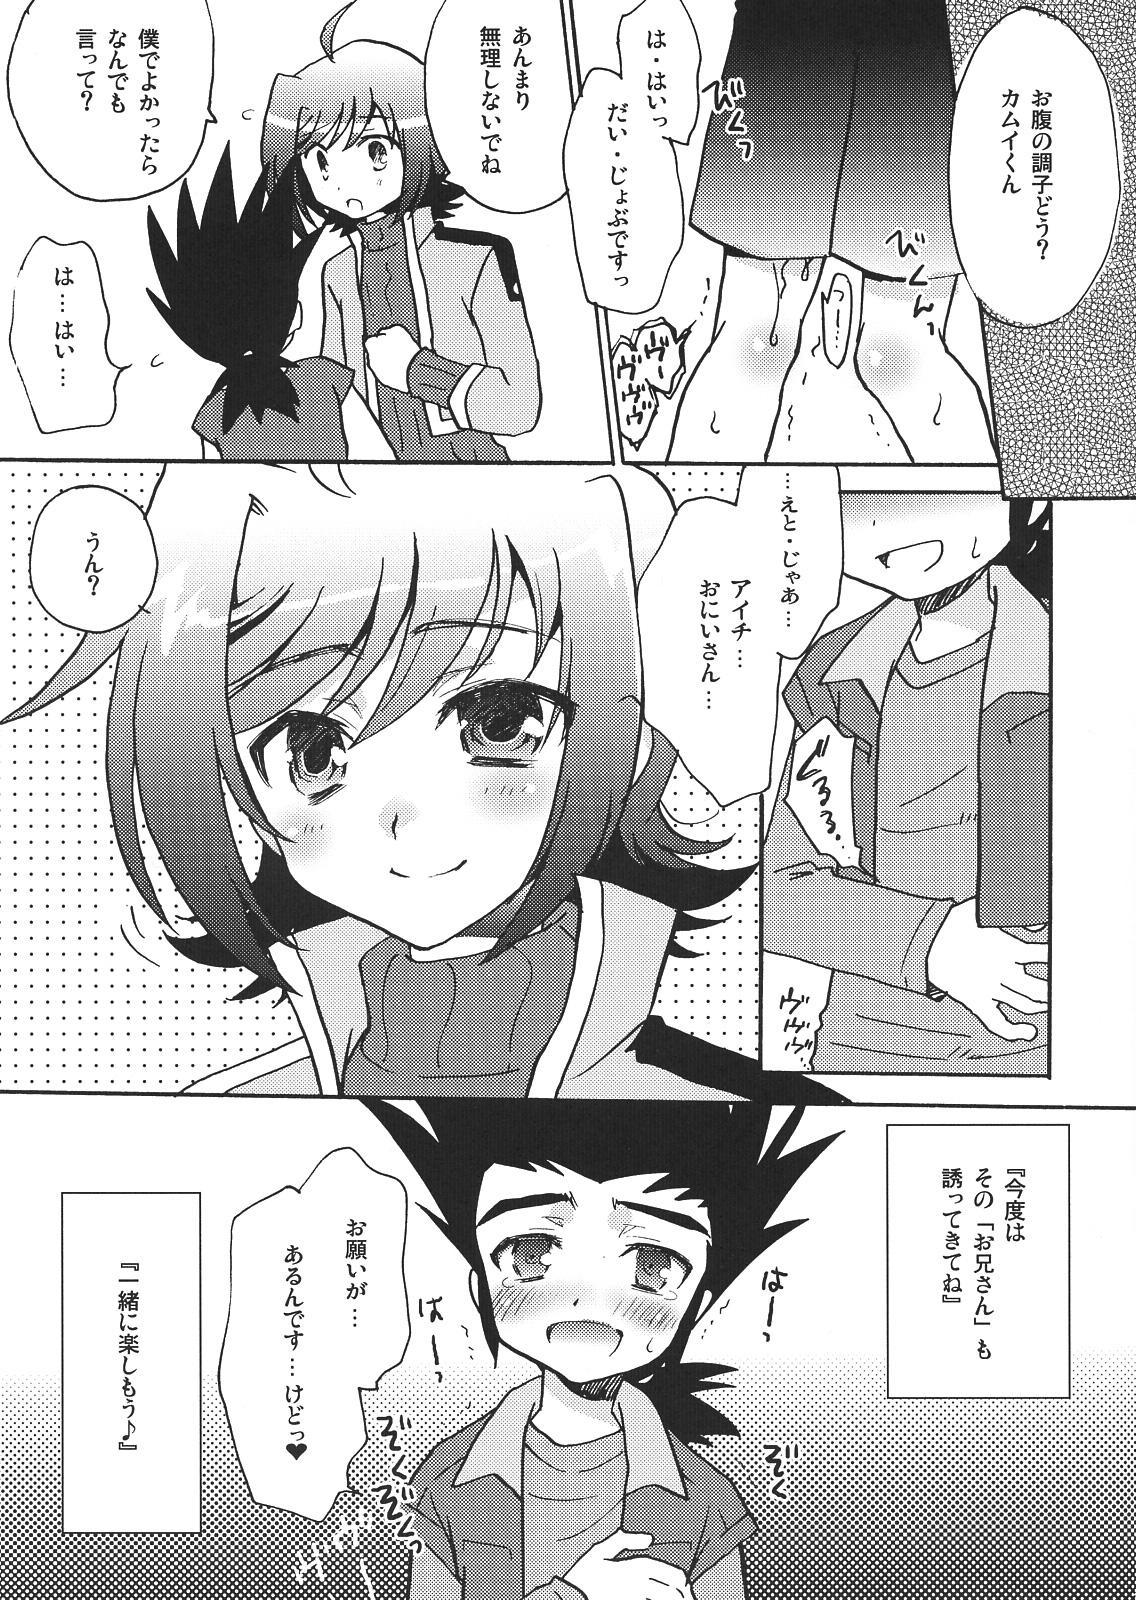 [Neruneru (Nerune)] Come-Come Kamui-kun! (Cardfight!! Vanguard) 14